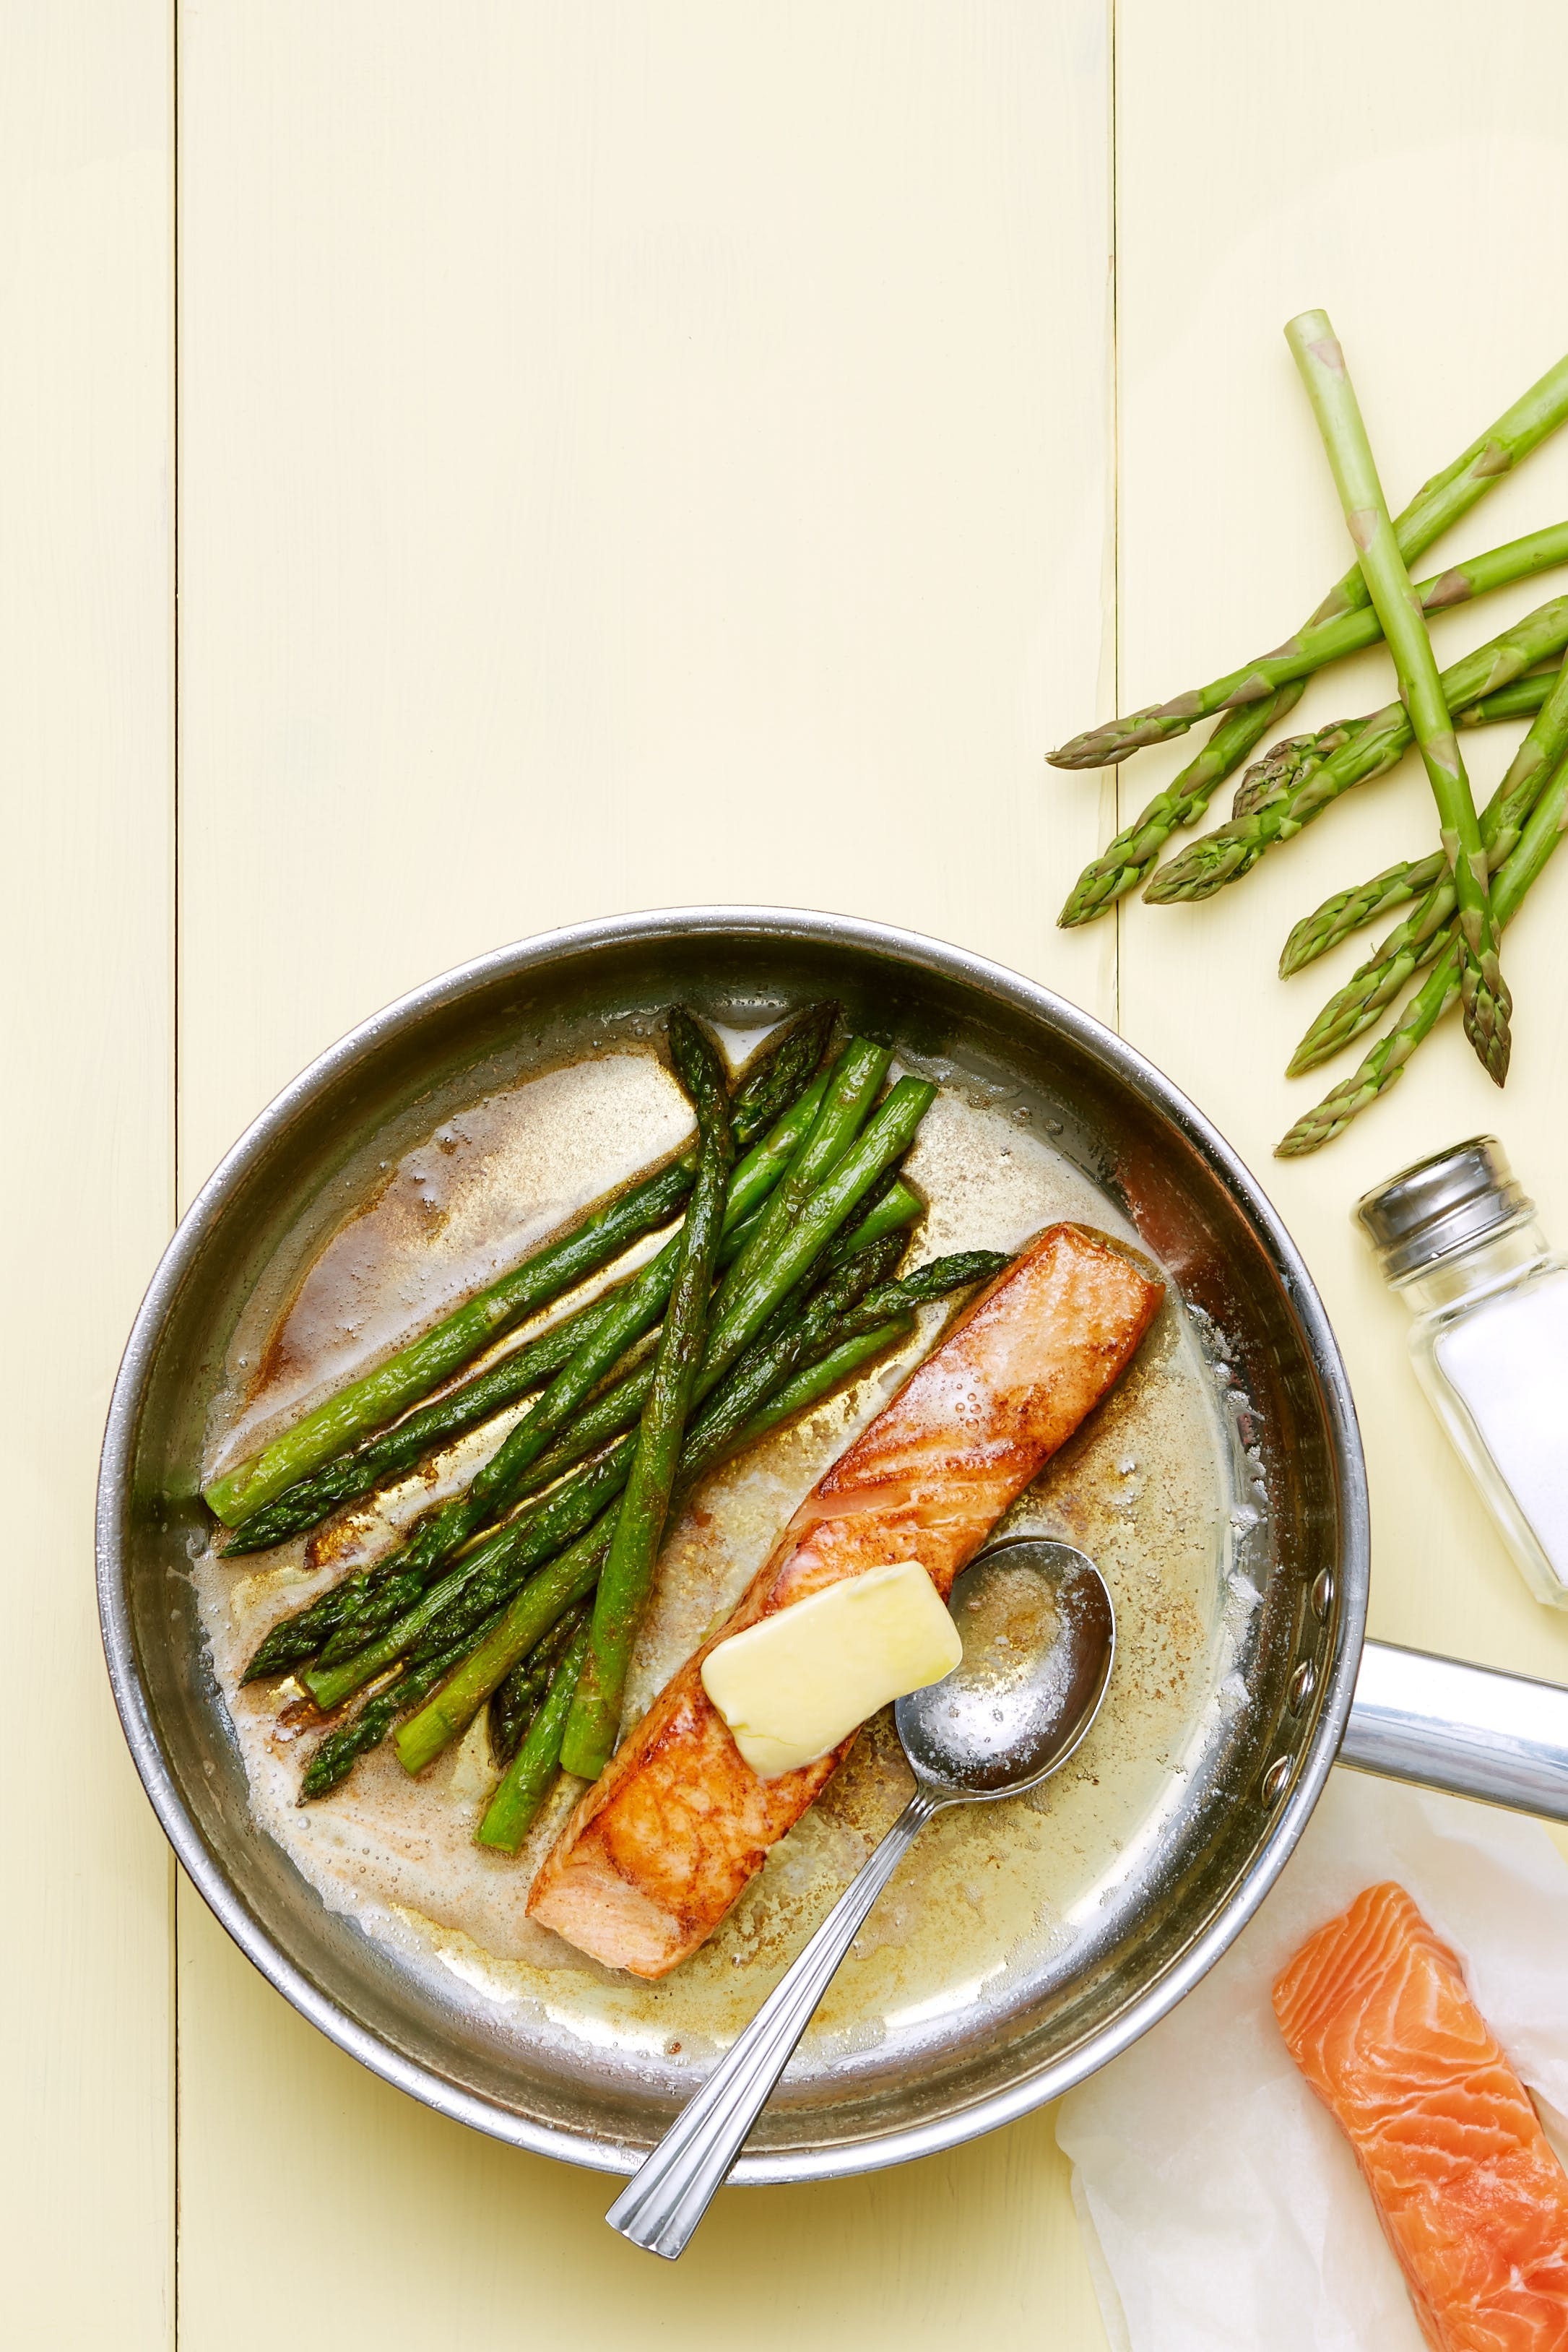 Salmón frito keto con espárragos